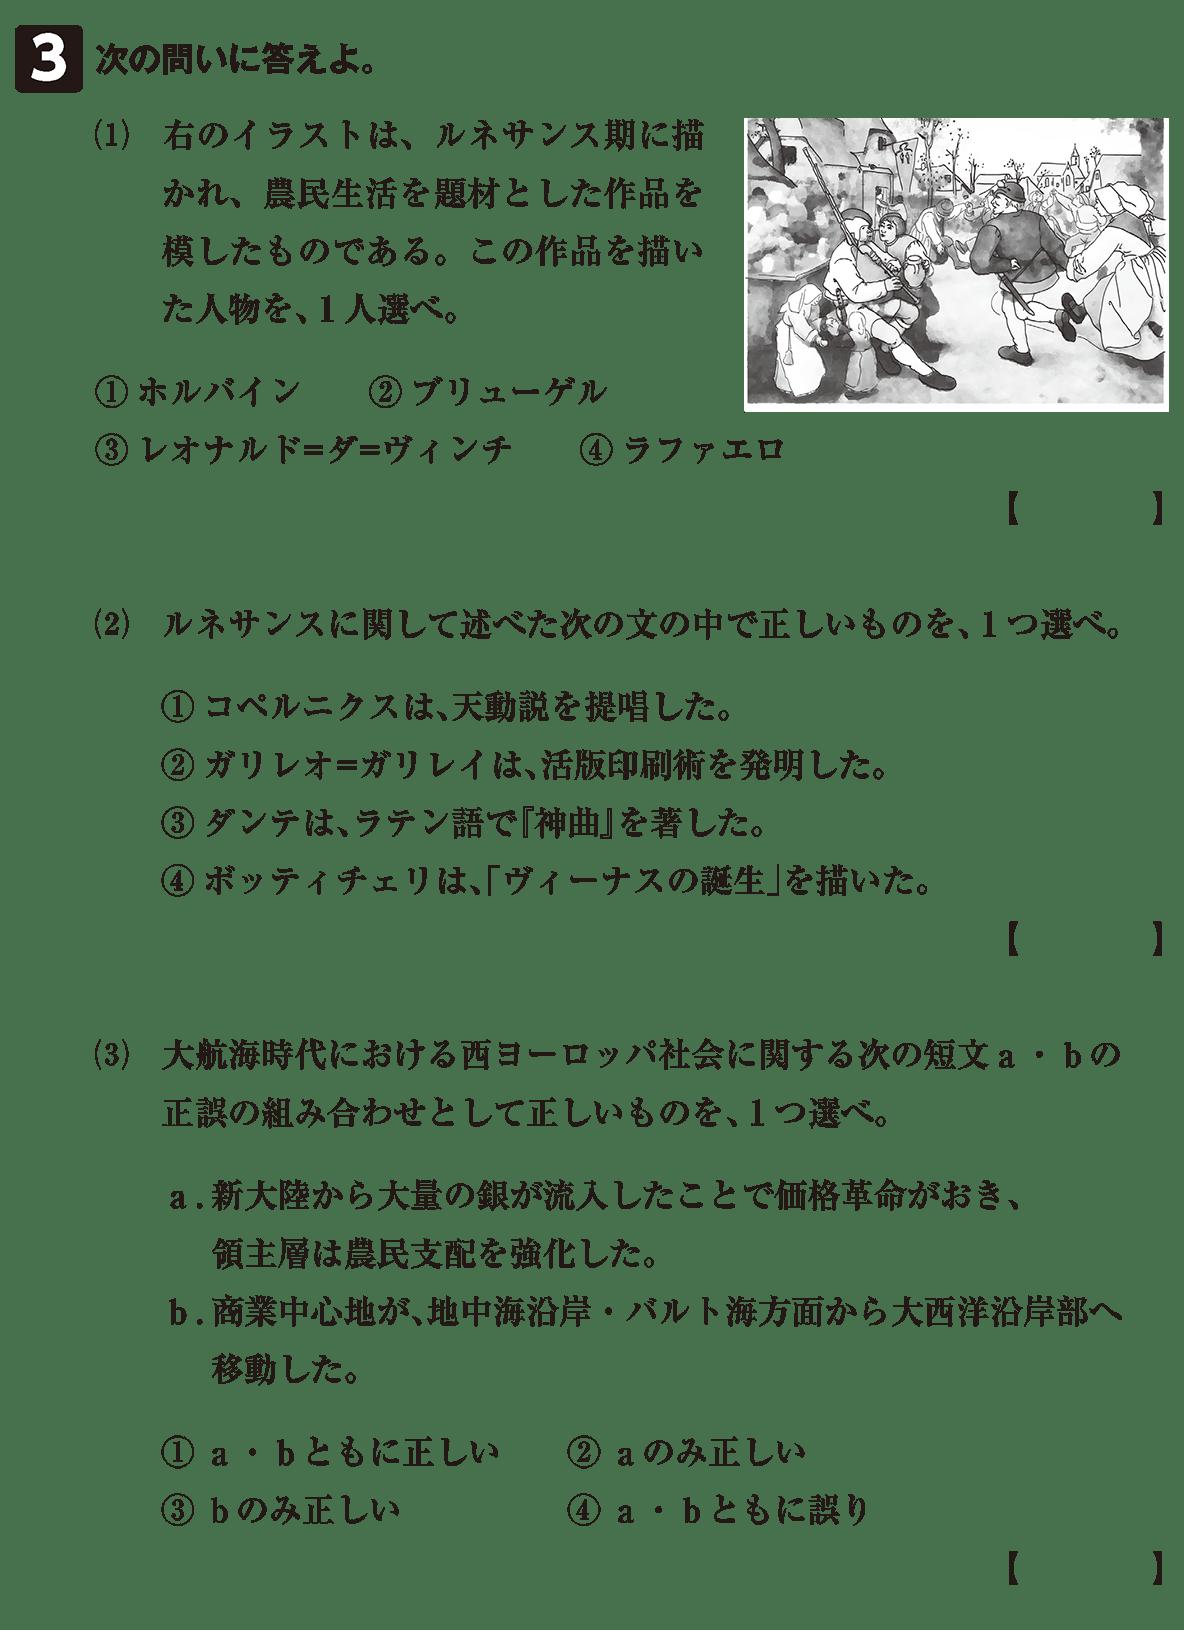 高校世界史 ルネサンスと大航海時代8 確認テスト(後半)